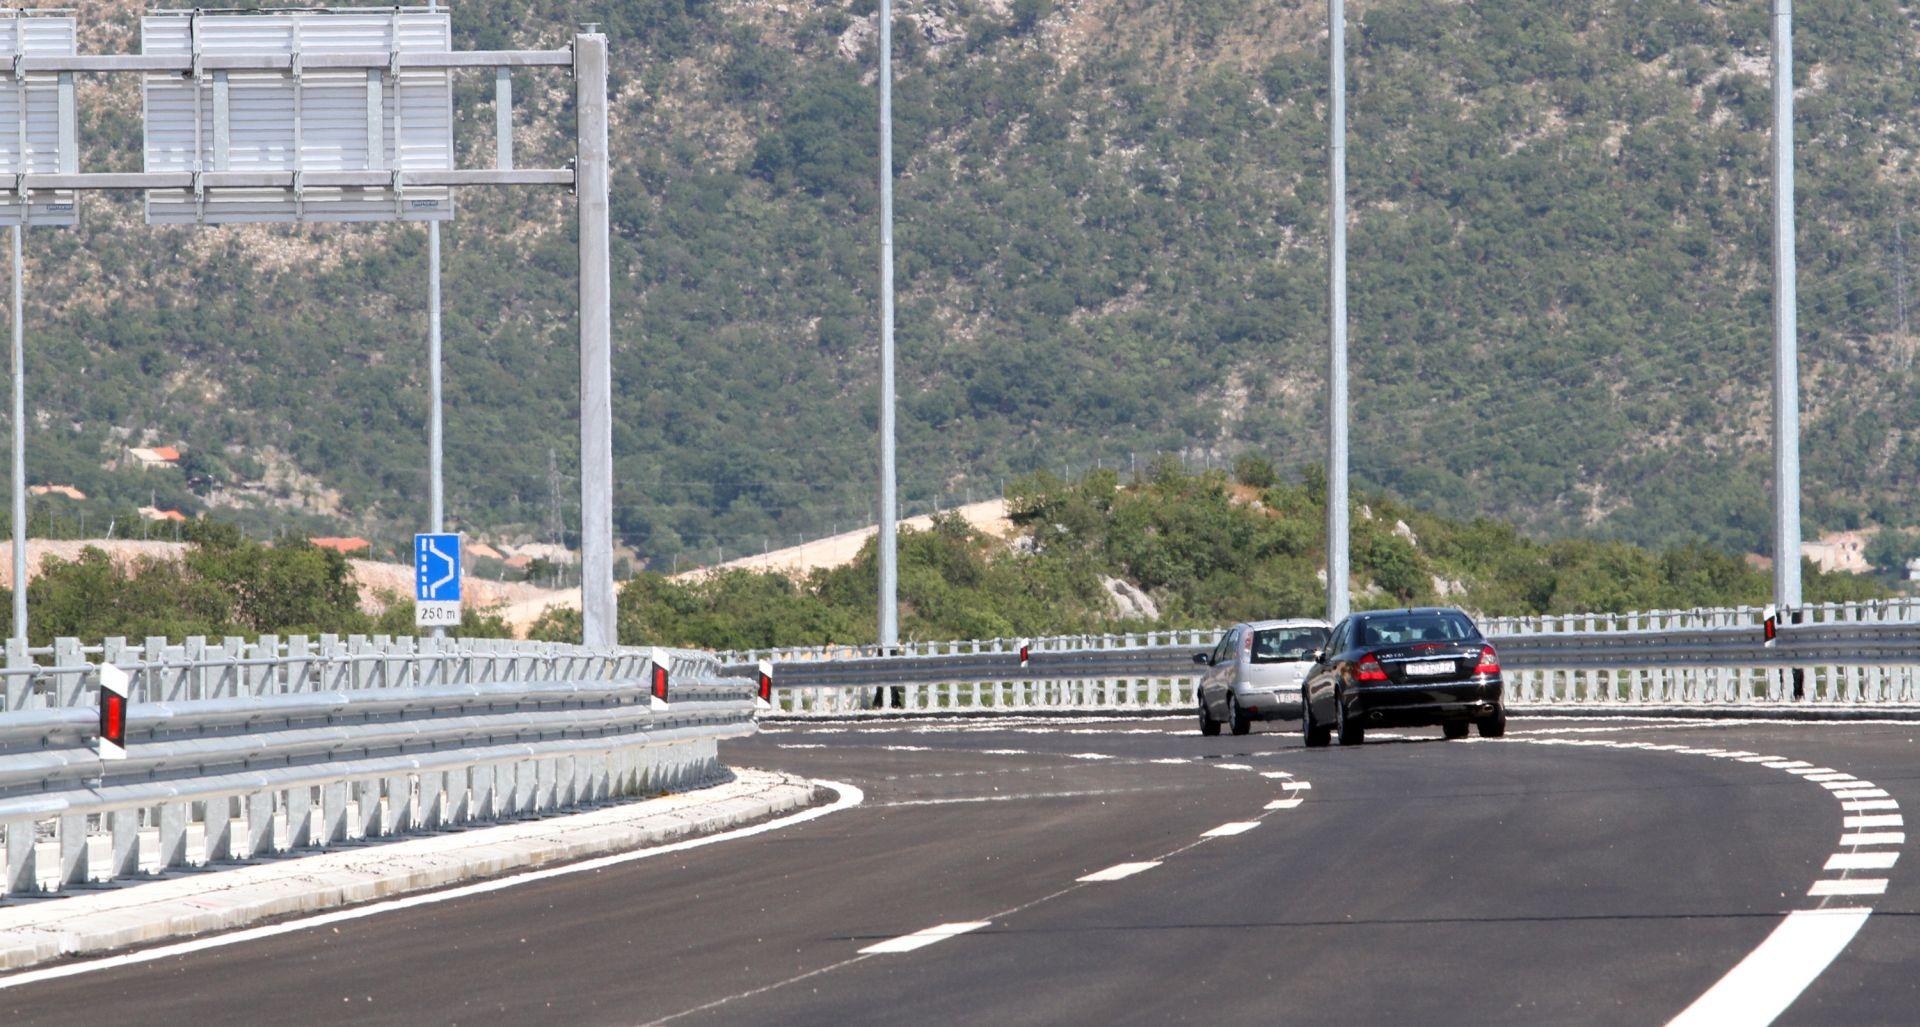 HAK Povoljni uvjeti za vožnju, promet teče bez posebnih ograničenja